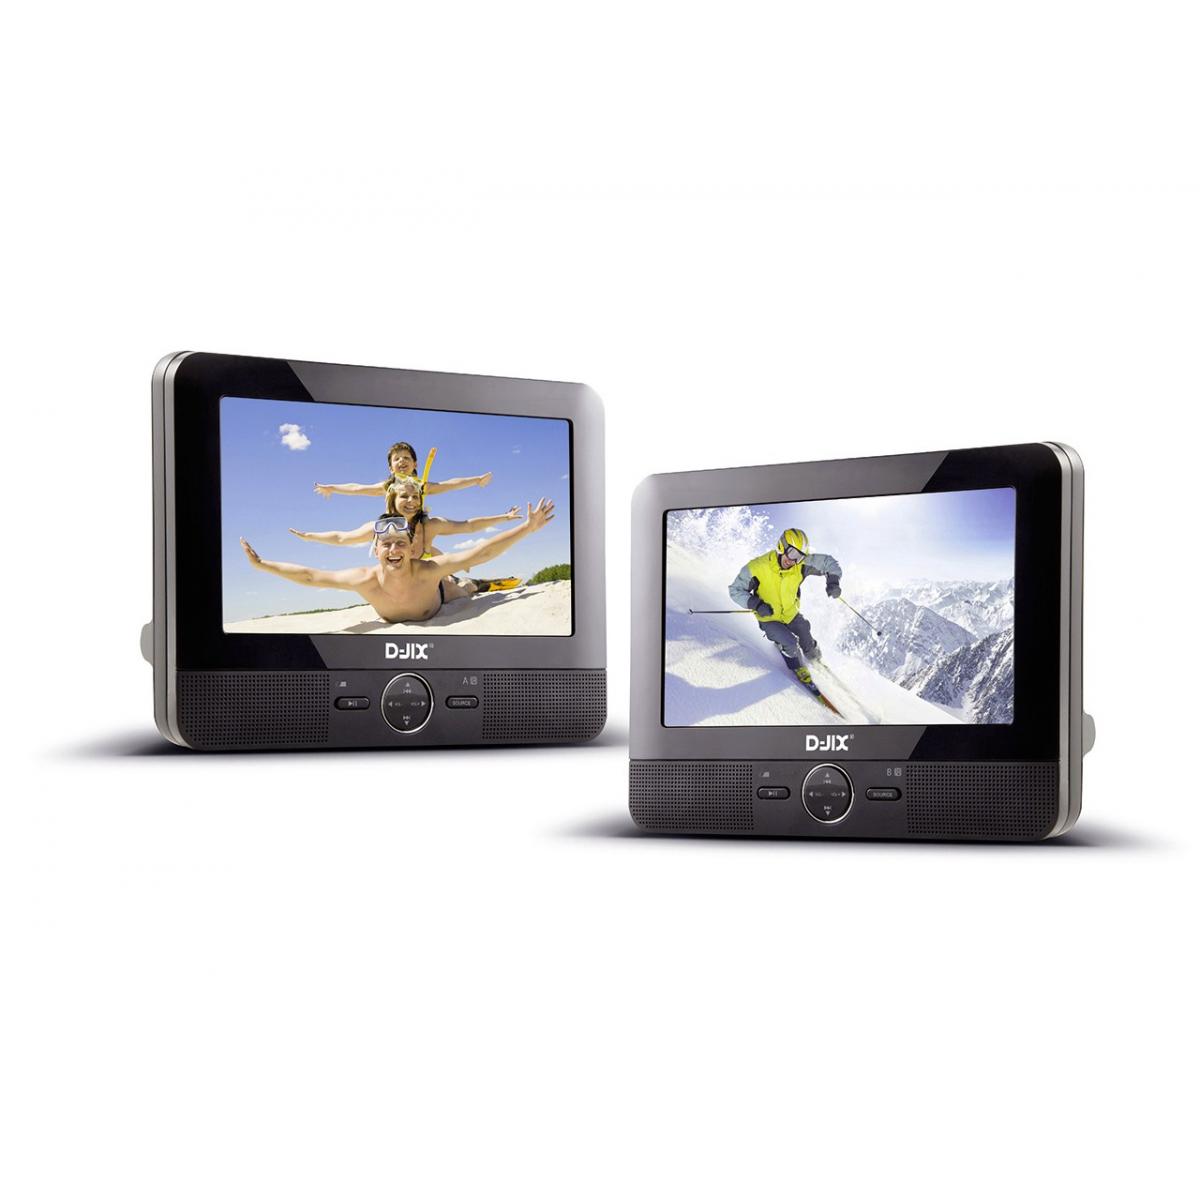 lecteur dvd portable 7 double lecteur pvs 705. Black Bedroom Furniture Sets. Home Design Ideas